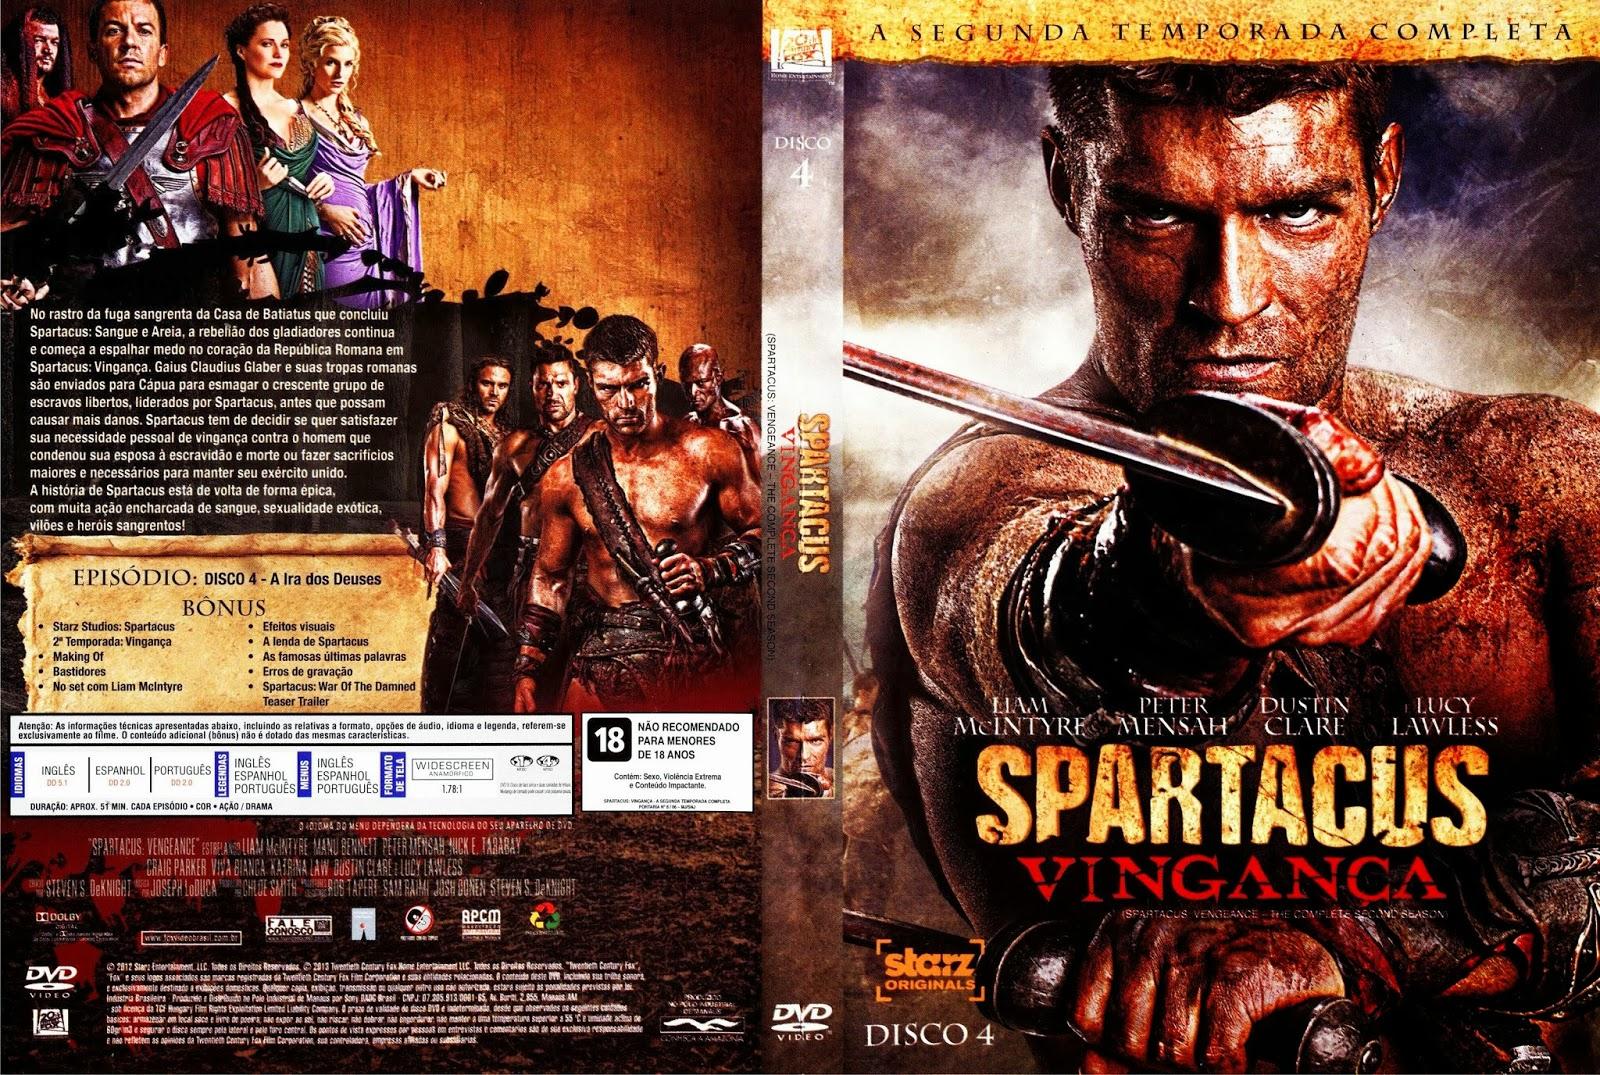 Serie spartacus temporada 3 online gratis - Kamen rider wizard ...